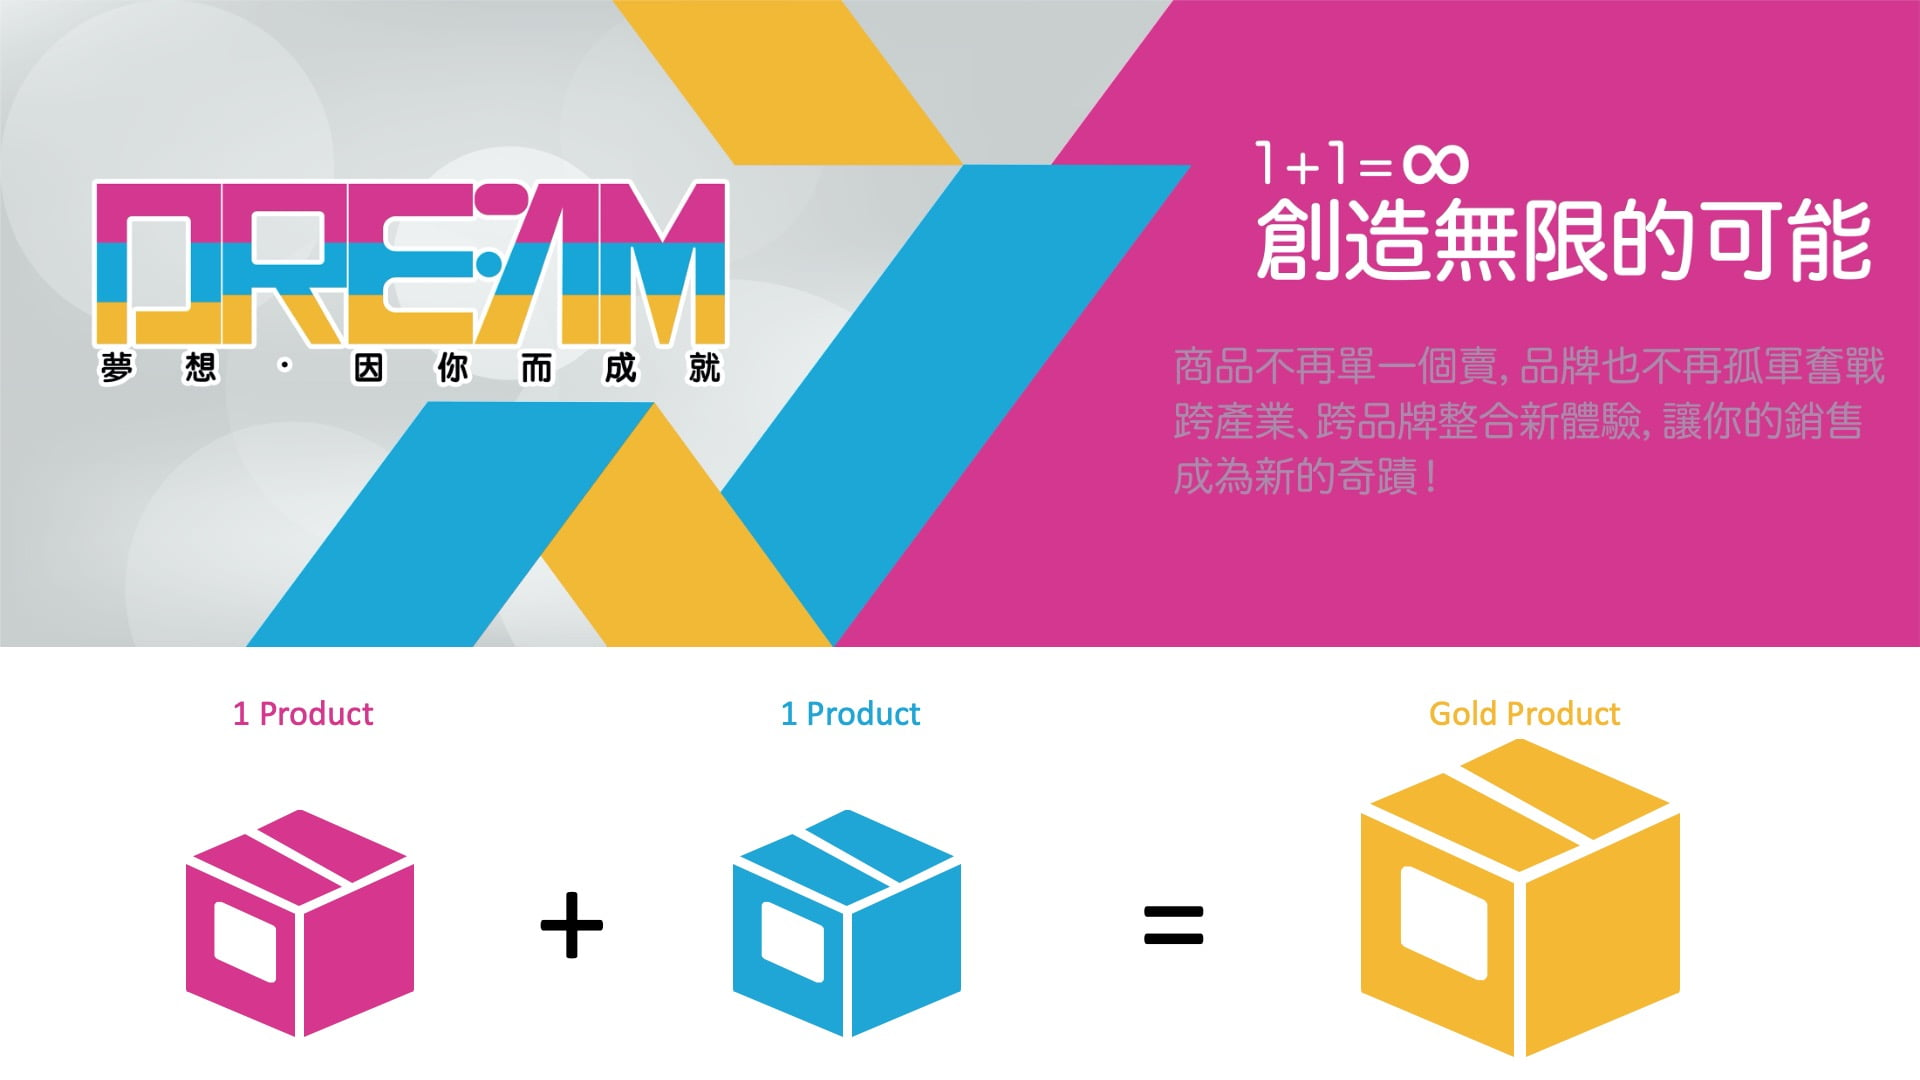 兩種不同的產品,將組合出一個令人經驗的暢銷品